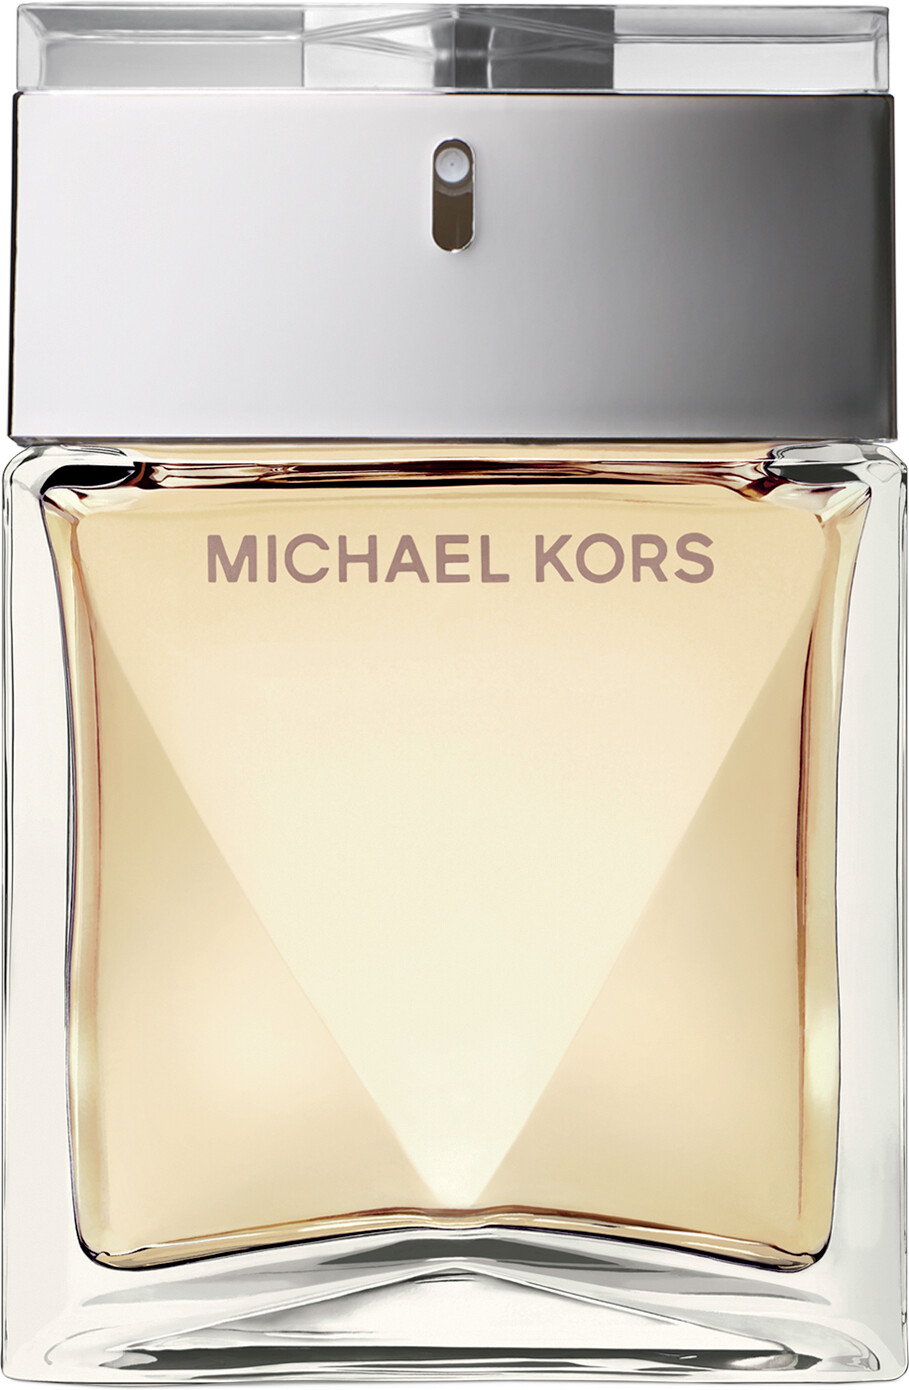 Michael Kors Women Eau de Parfum Spray 100ml